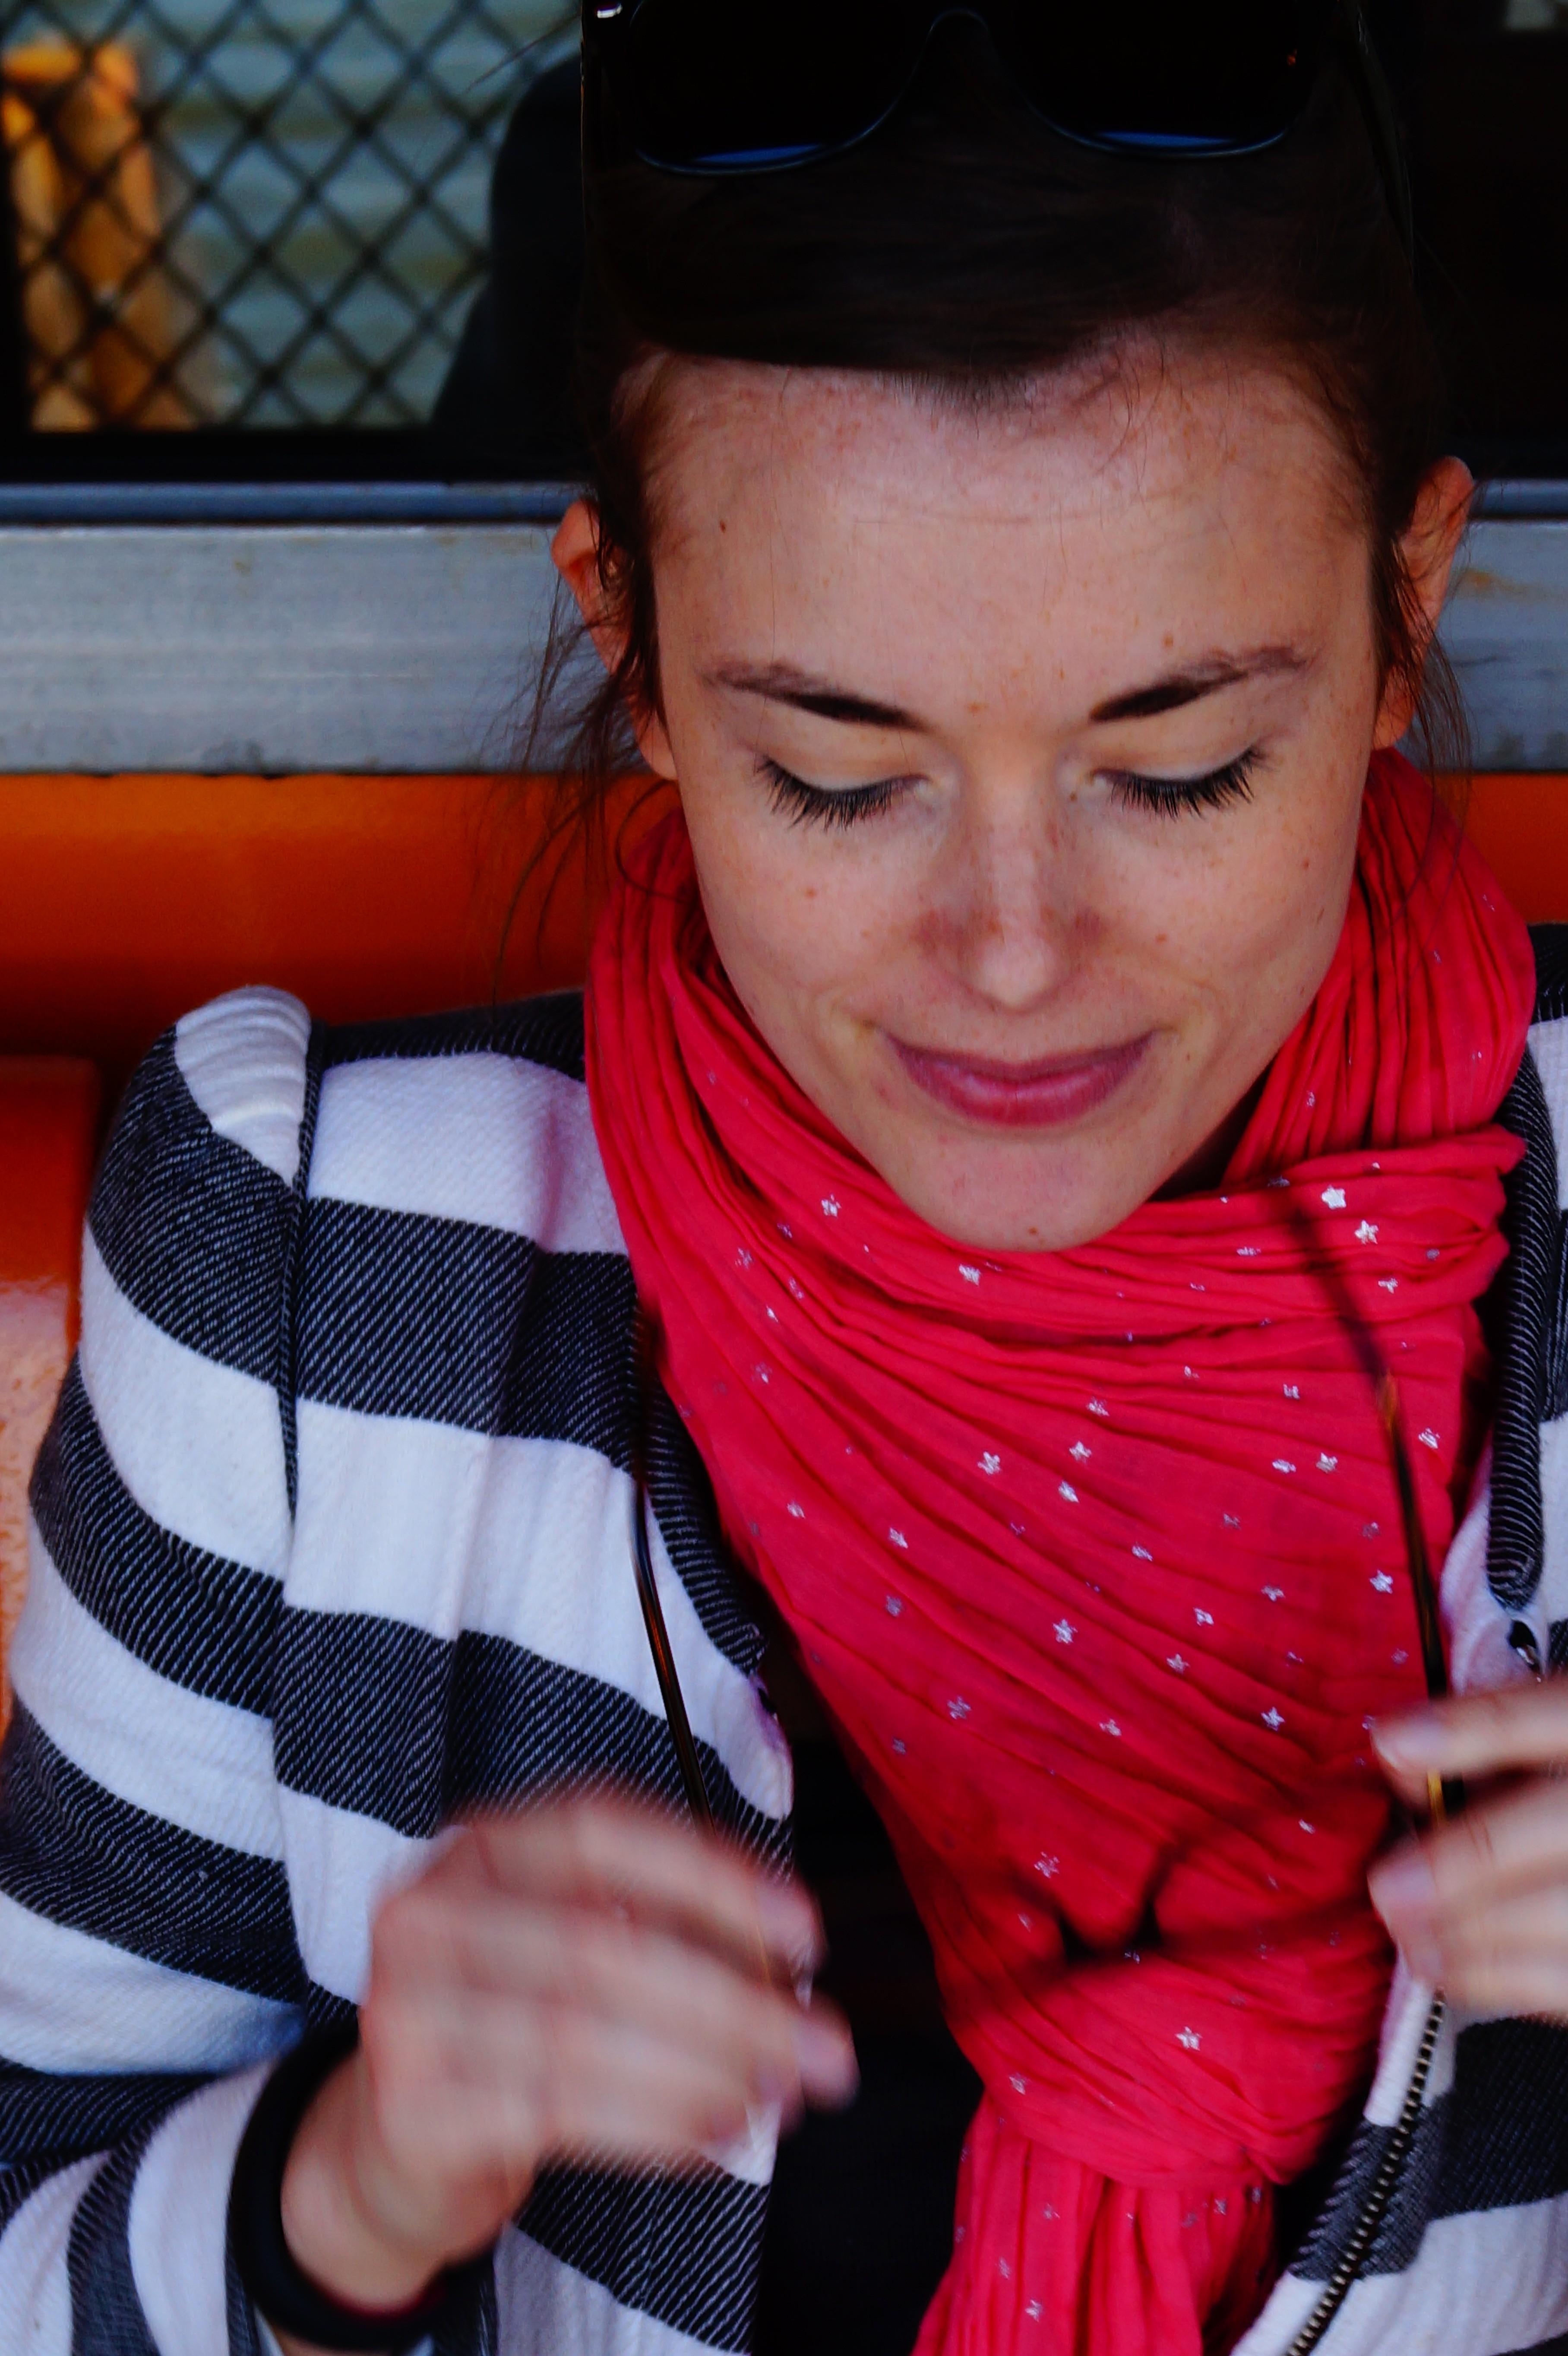 Charlotte Giuria